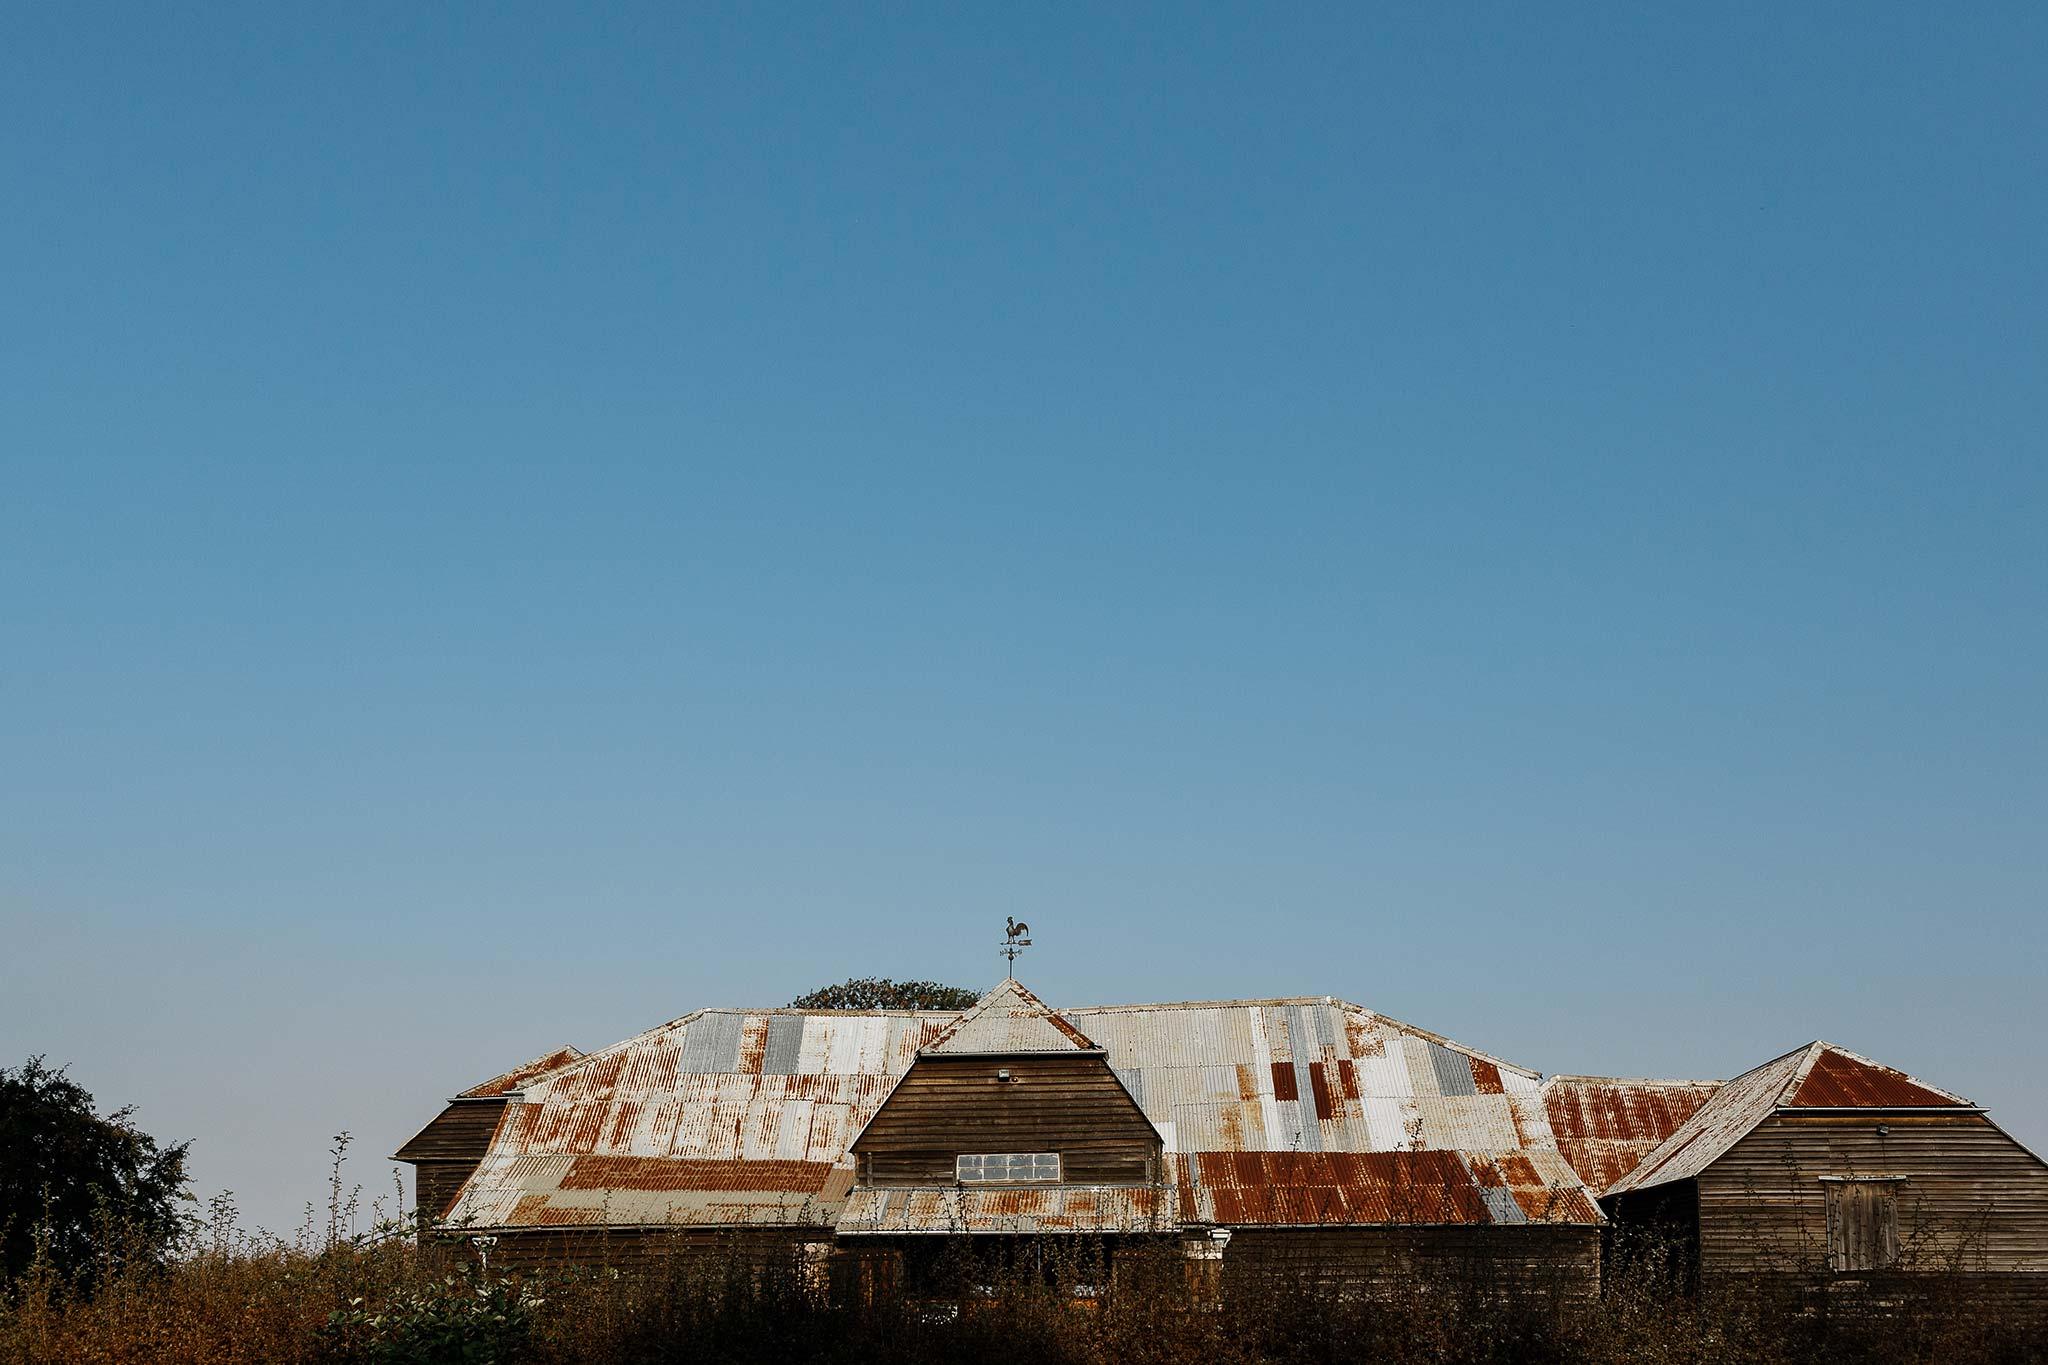 Historic Brickendon barn